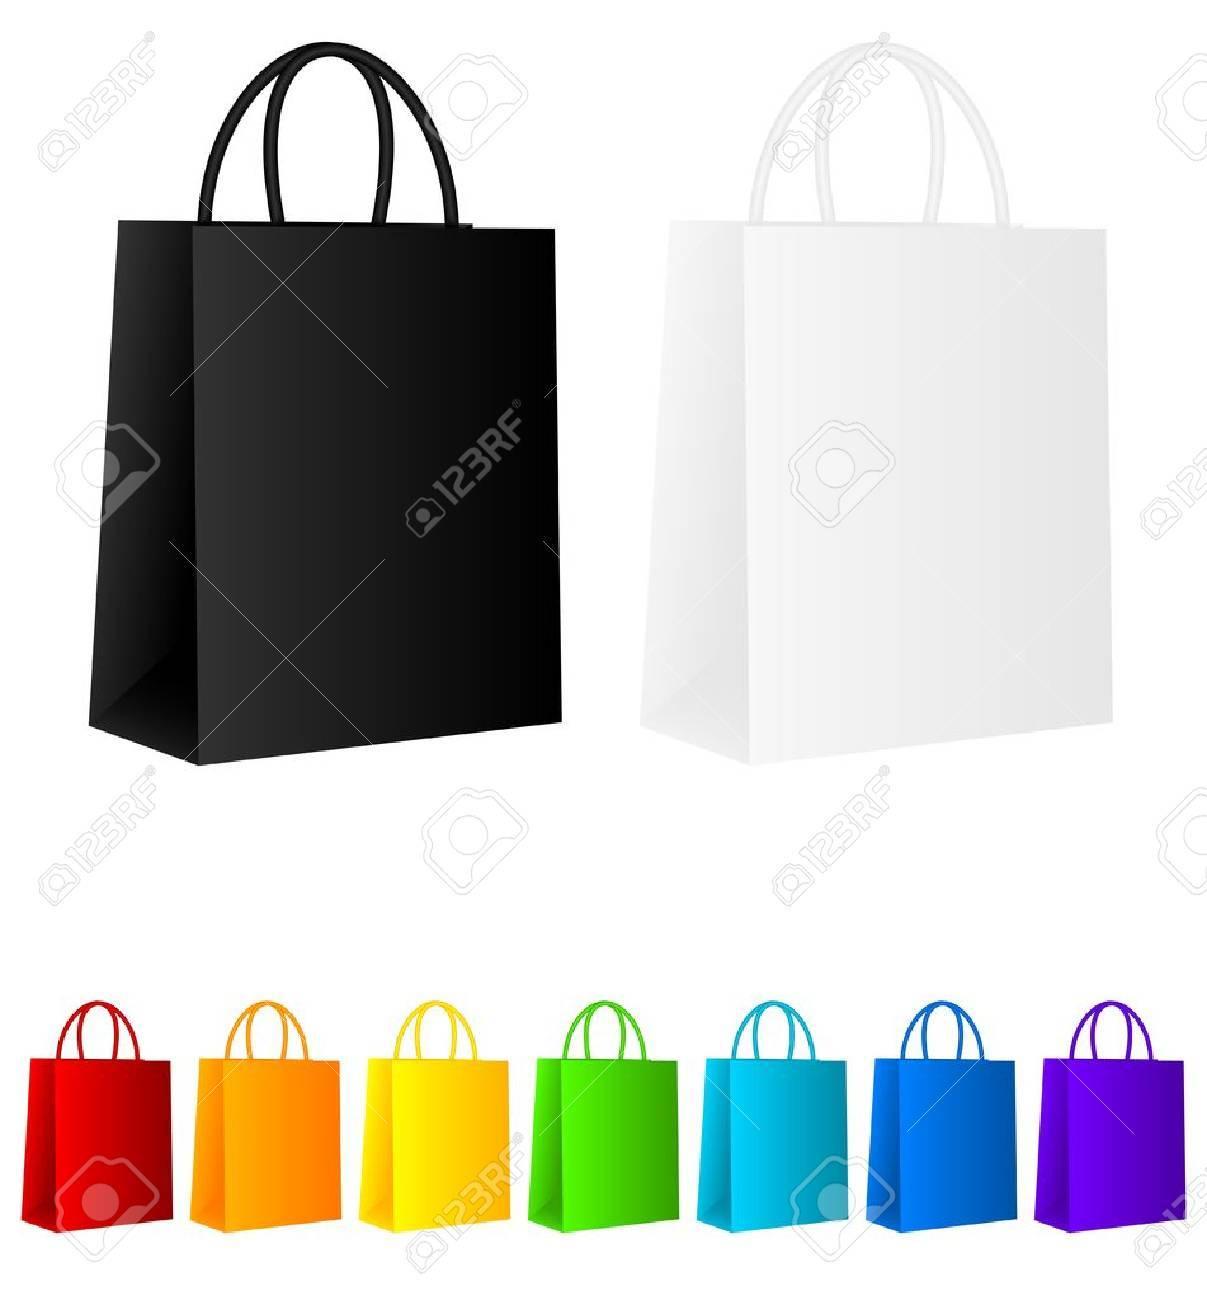 Shopping bags Stock Vector - 9639816